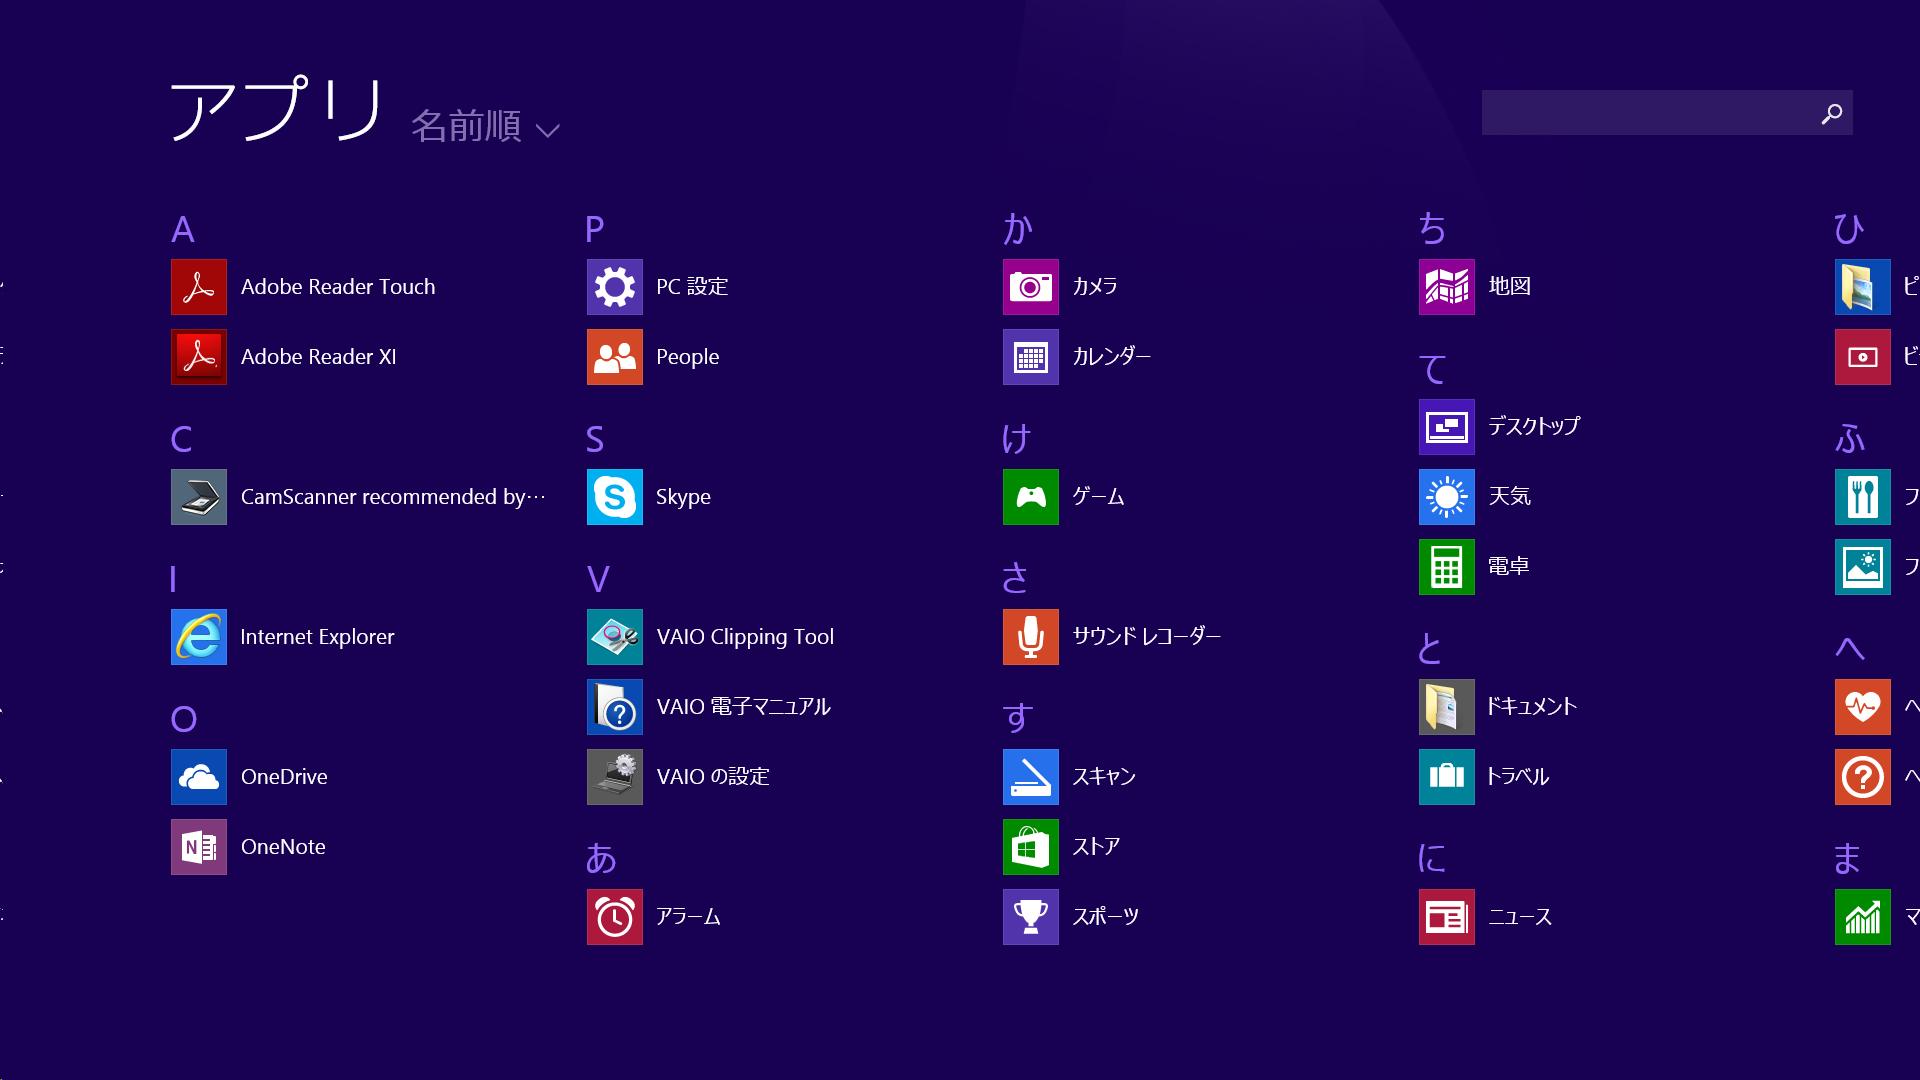 アプリの一覧。作業の関係でDropboxとChromeをインストールしている以外は素の状態。プリインストールソフトは控えめで、かなりすっきりしているのが好印象だ